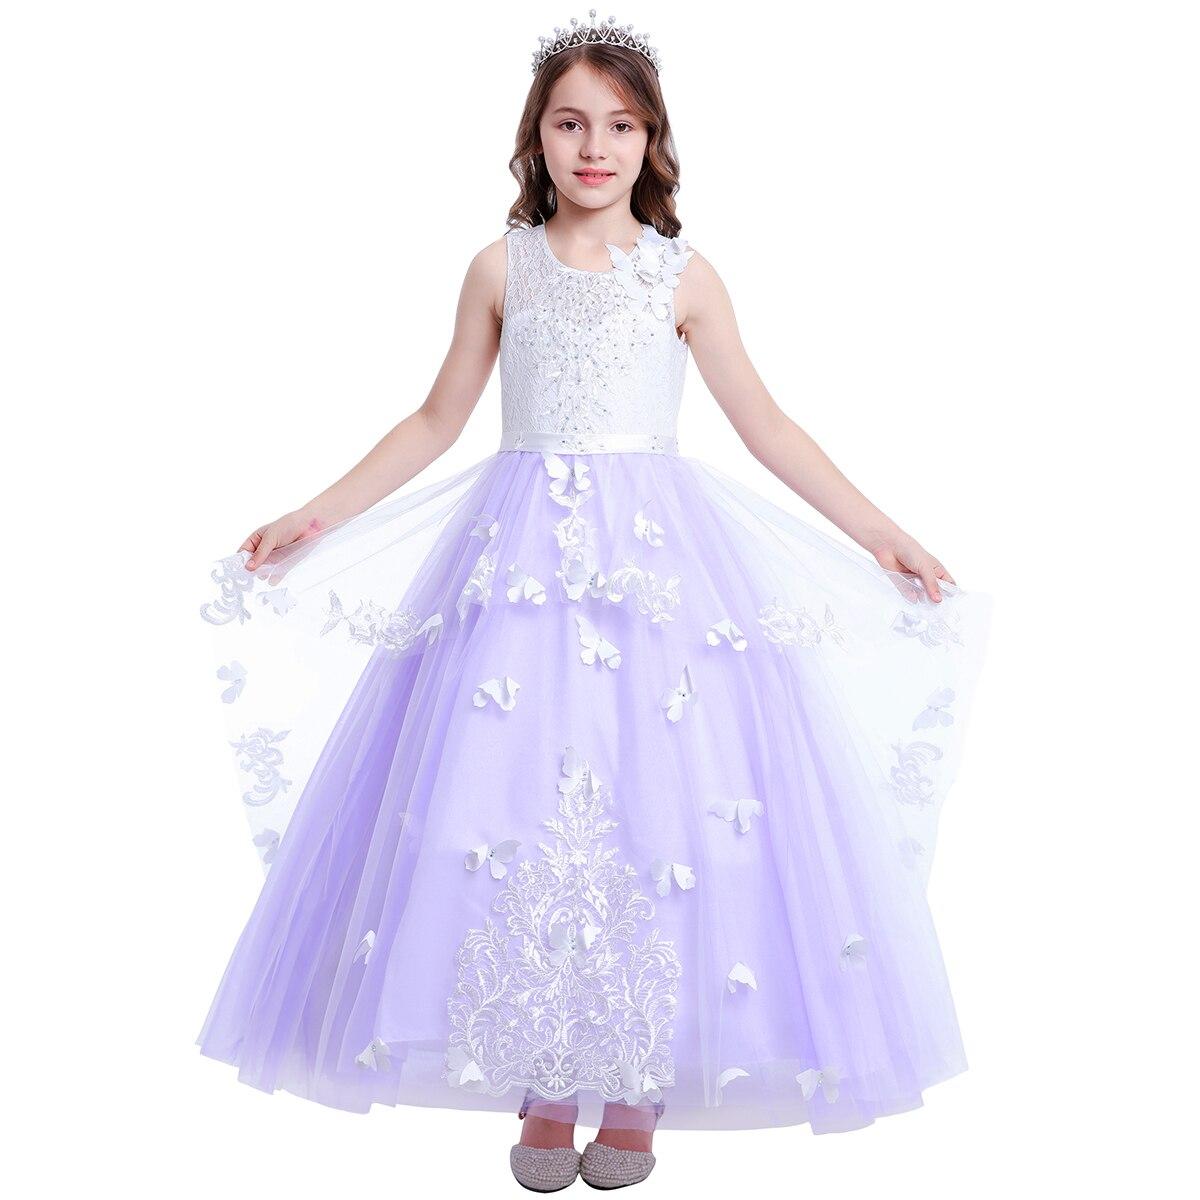 Robe de bal papillon robe élégante robe de princesse gonflée fleur filles robes de demoiselle d'honneur de mariage pour enfants robe de première Communion